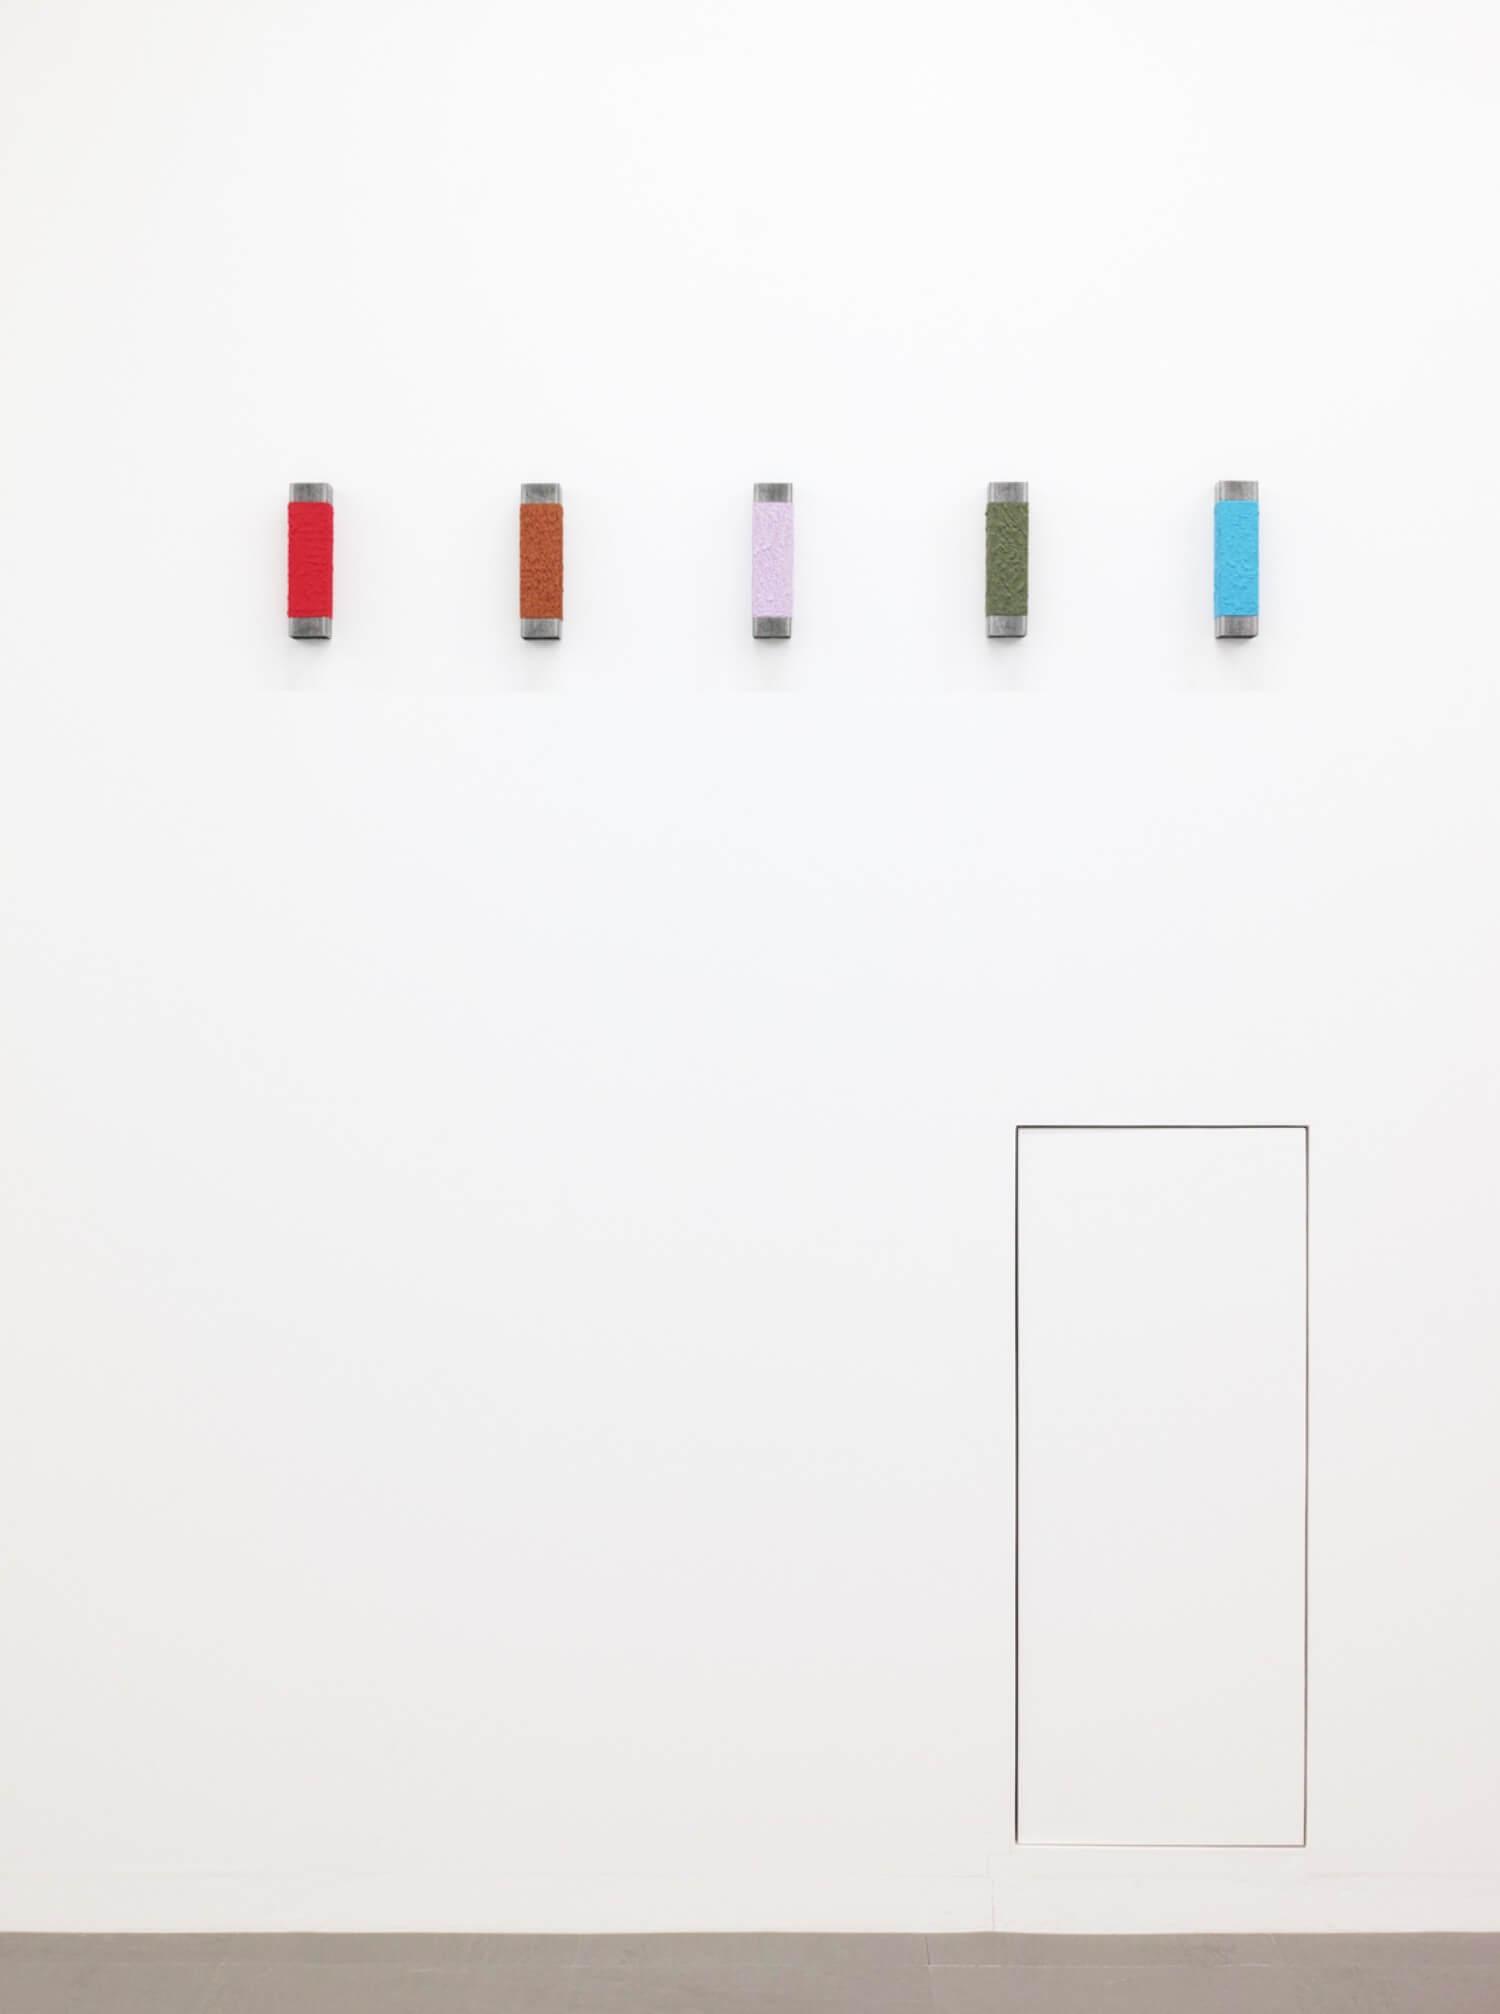 無題 - 蒲色|無題 - 藤袴色|無題 - 松葉色|無題 - 空色|(各日本の古色シリーズより)(左より)<br>Oil on iron square pipe, 200 x 50 x 50 mm, 2017 each